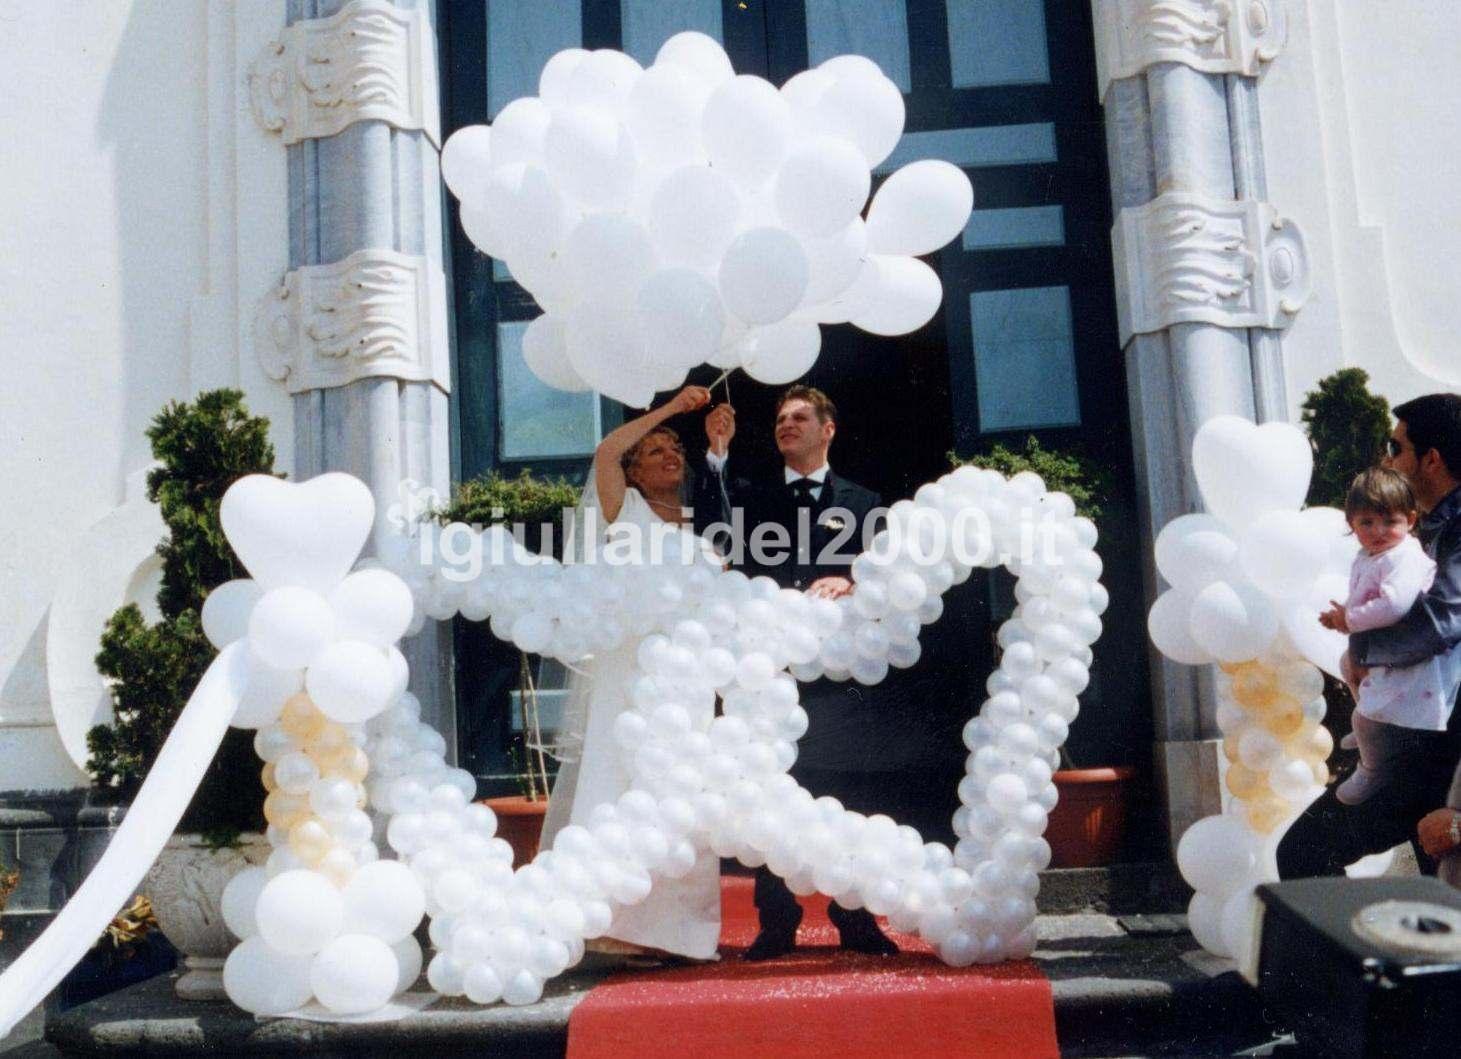 Addobbi con palloncini artisti di strada i giullari del 2000 - Decorazioni matrimonio palloncini ...